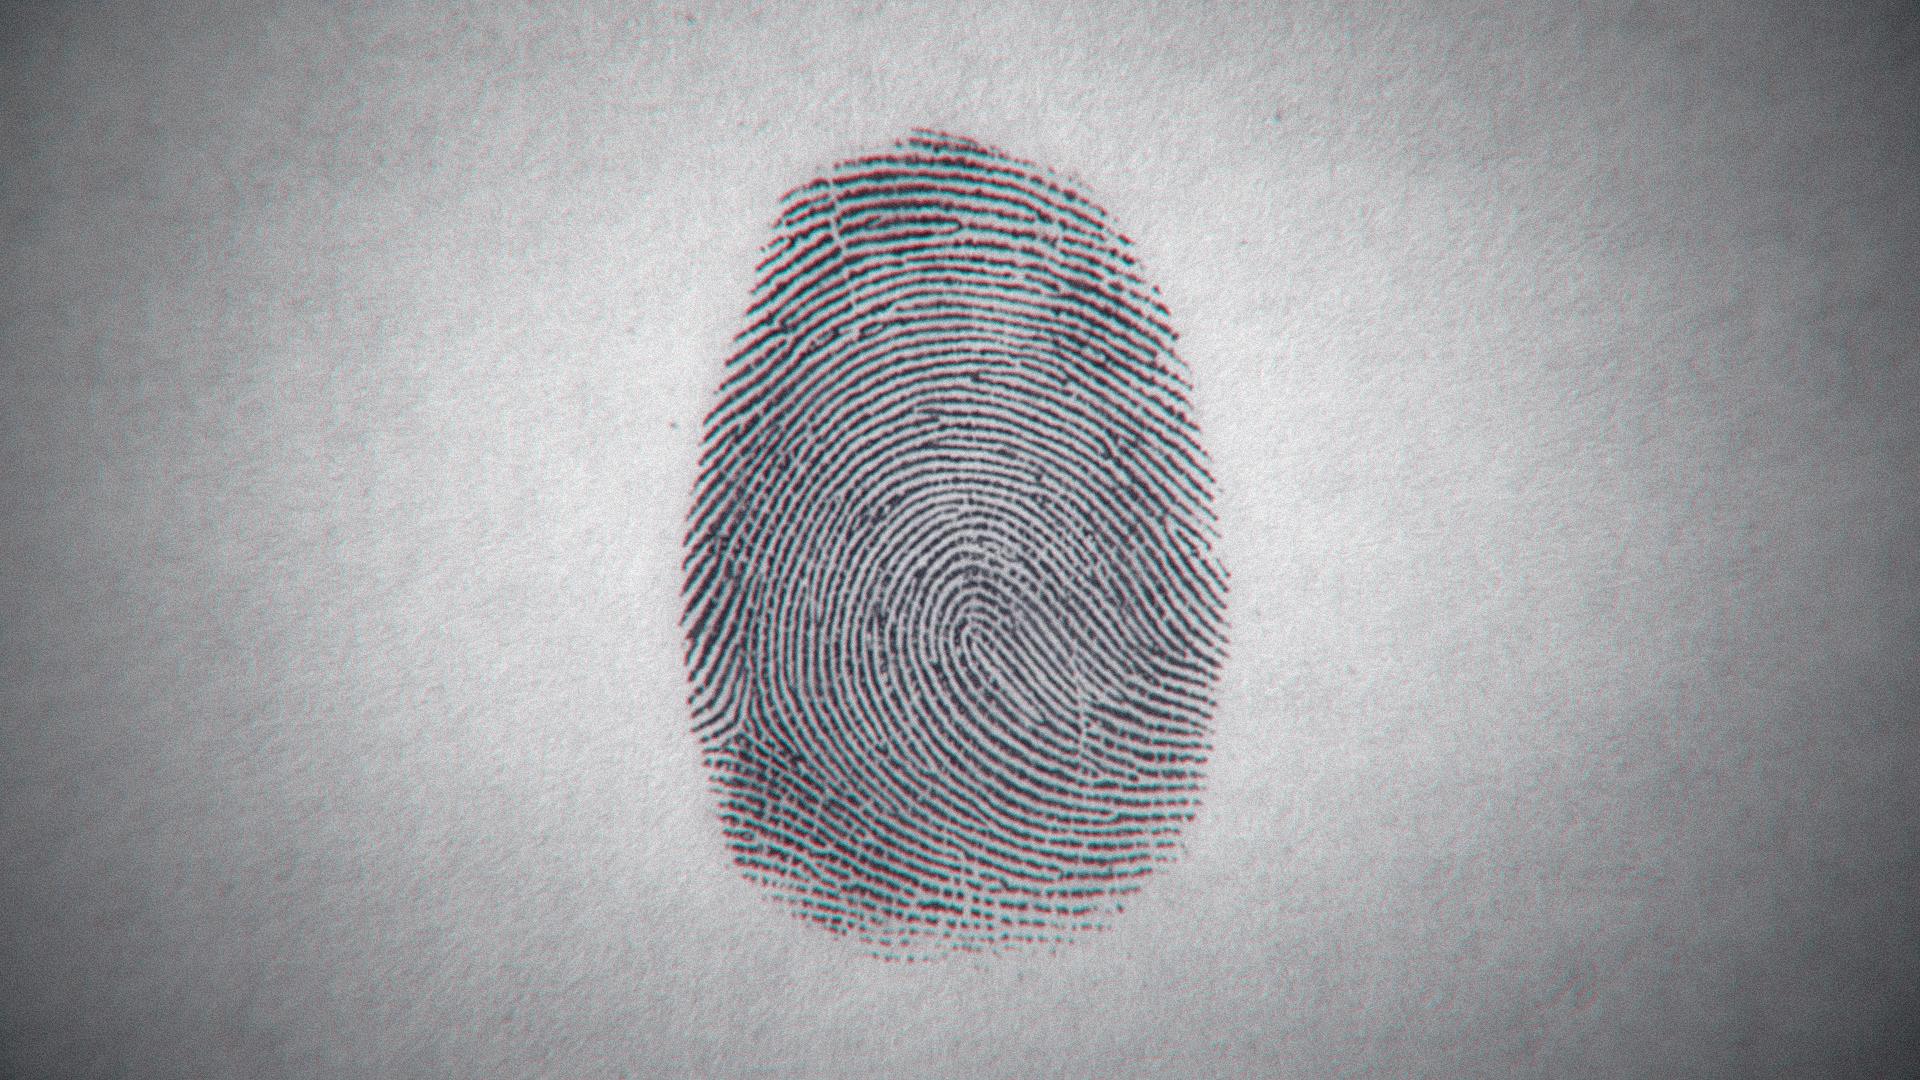 MUSC_Fingerprint_AppleProRes444_051717_v01 (00646).jpg